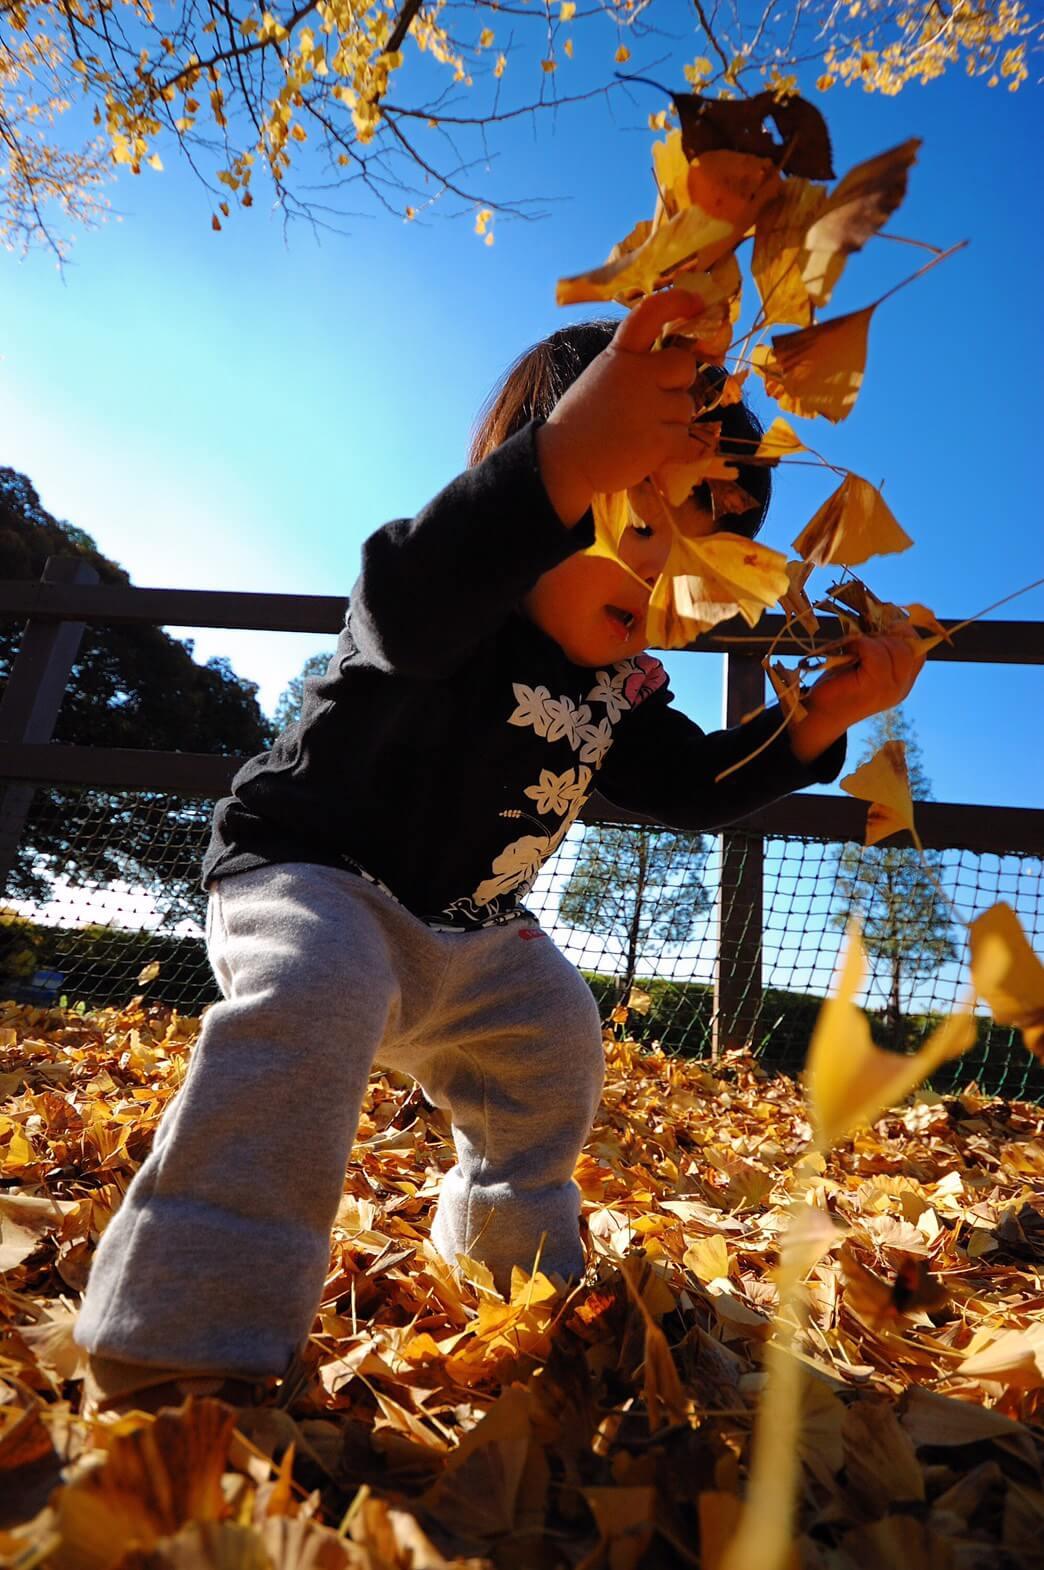 葉っぱが落ちてくる